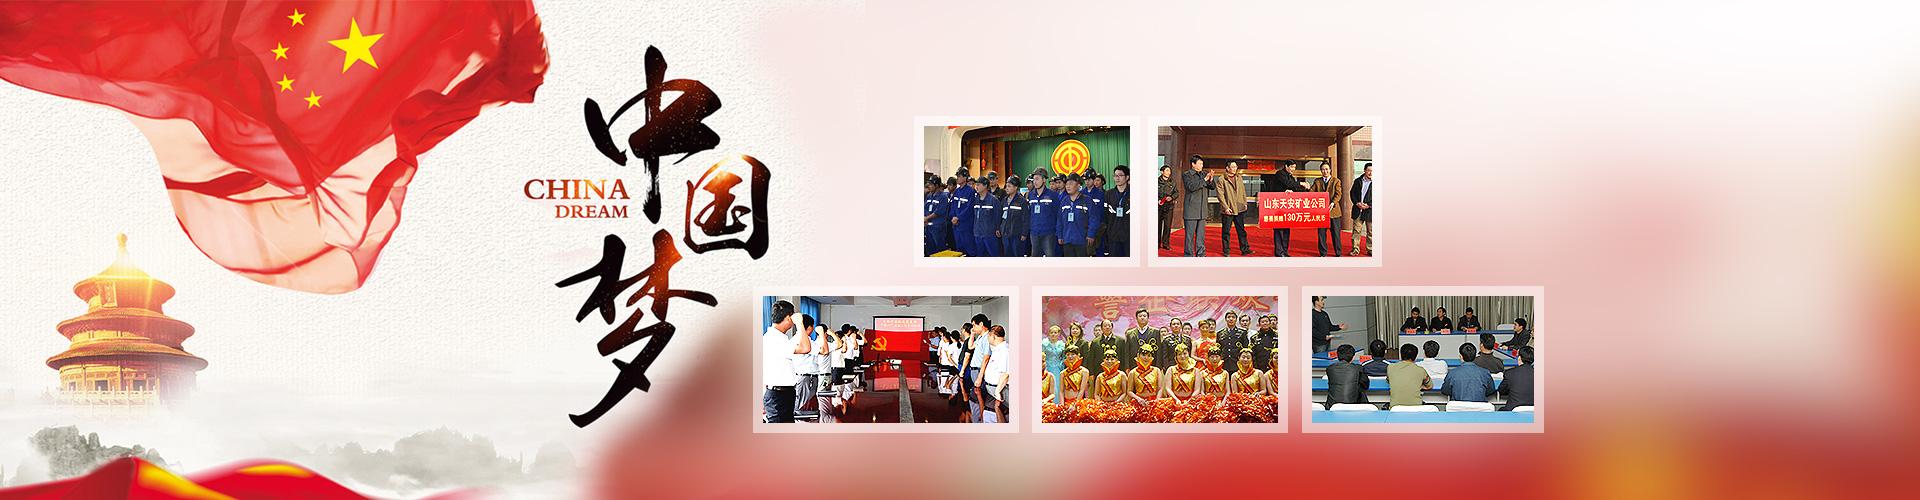 必威app官方下载精装版必威亚洲备用网